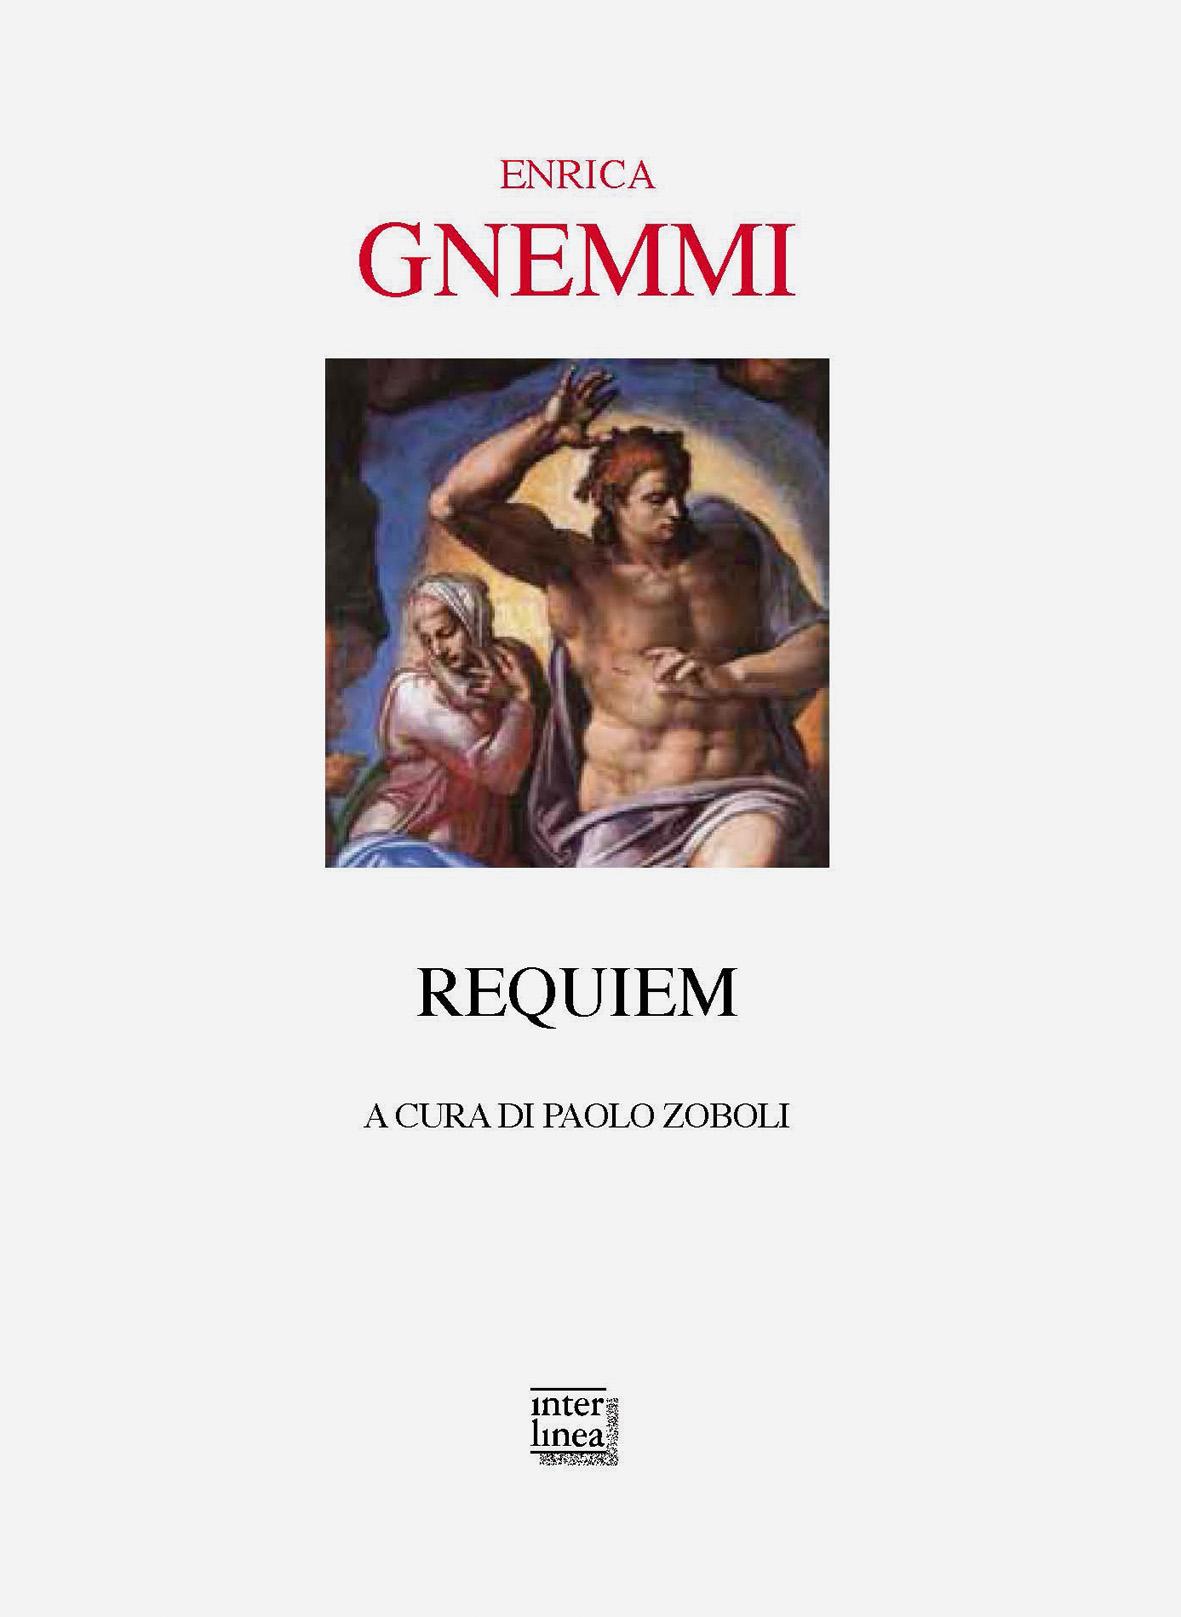 Requiem di Enrica Gnemmi